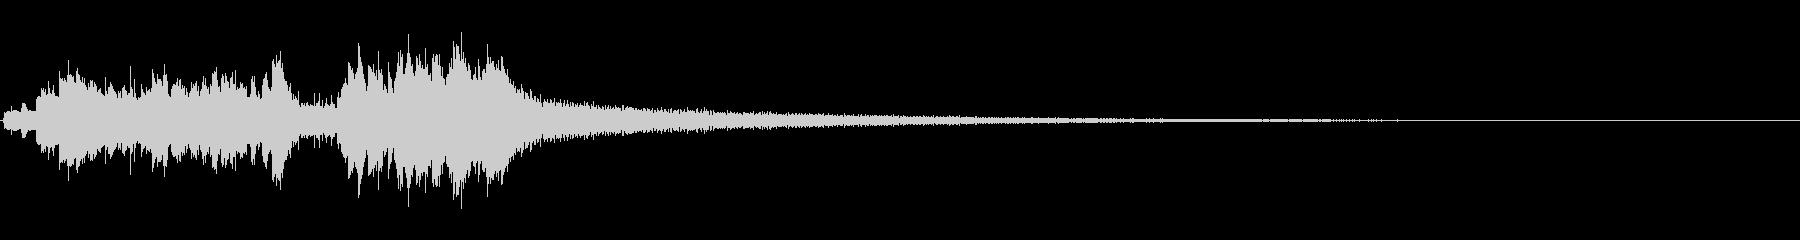 グロッケンシュピール:カスケードグ...の未再生の波形